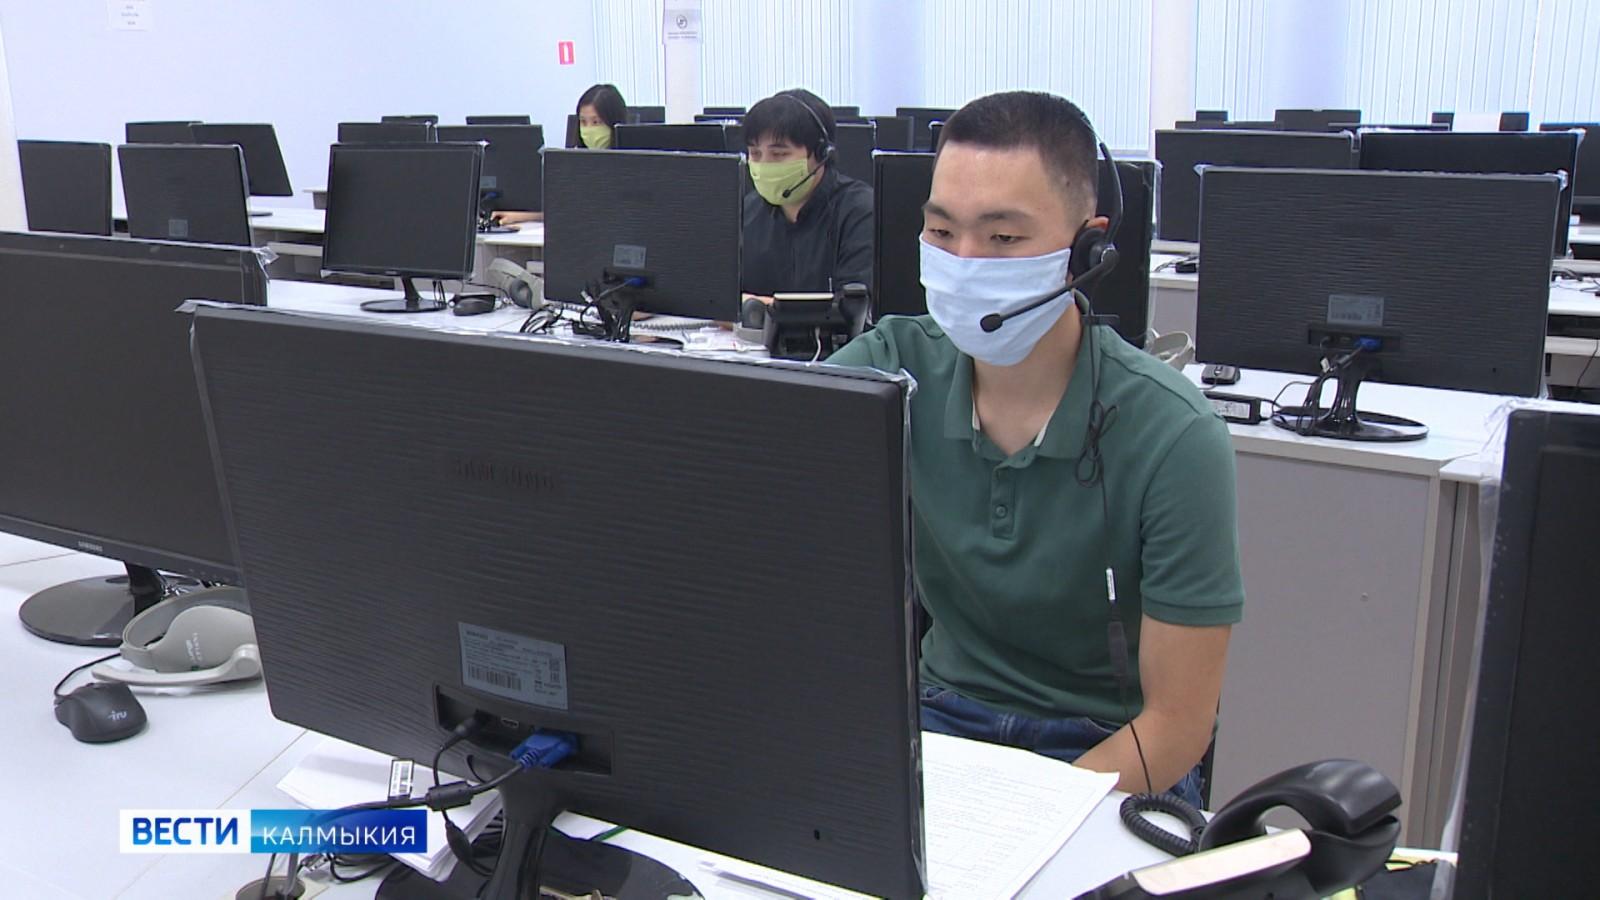 Как пандемия повлияла на итоговые школьные экзамены и приёмную кампанию в КалмГУ